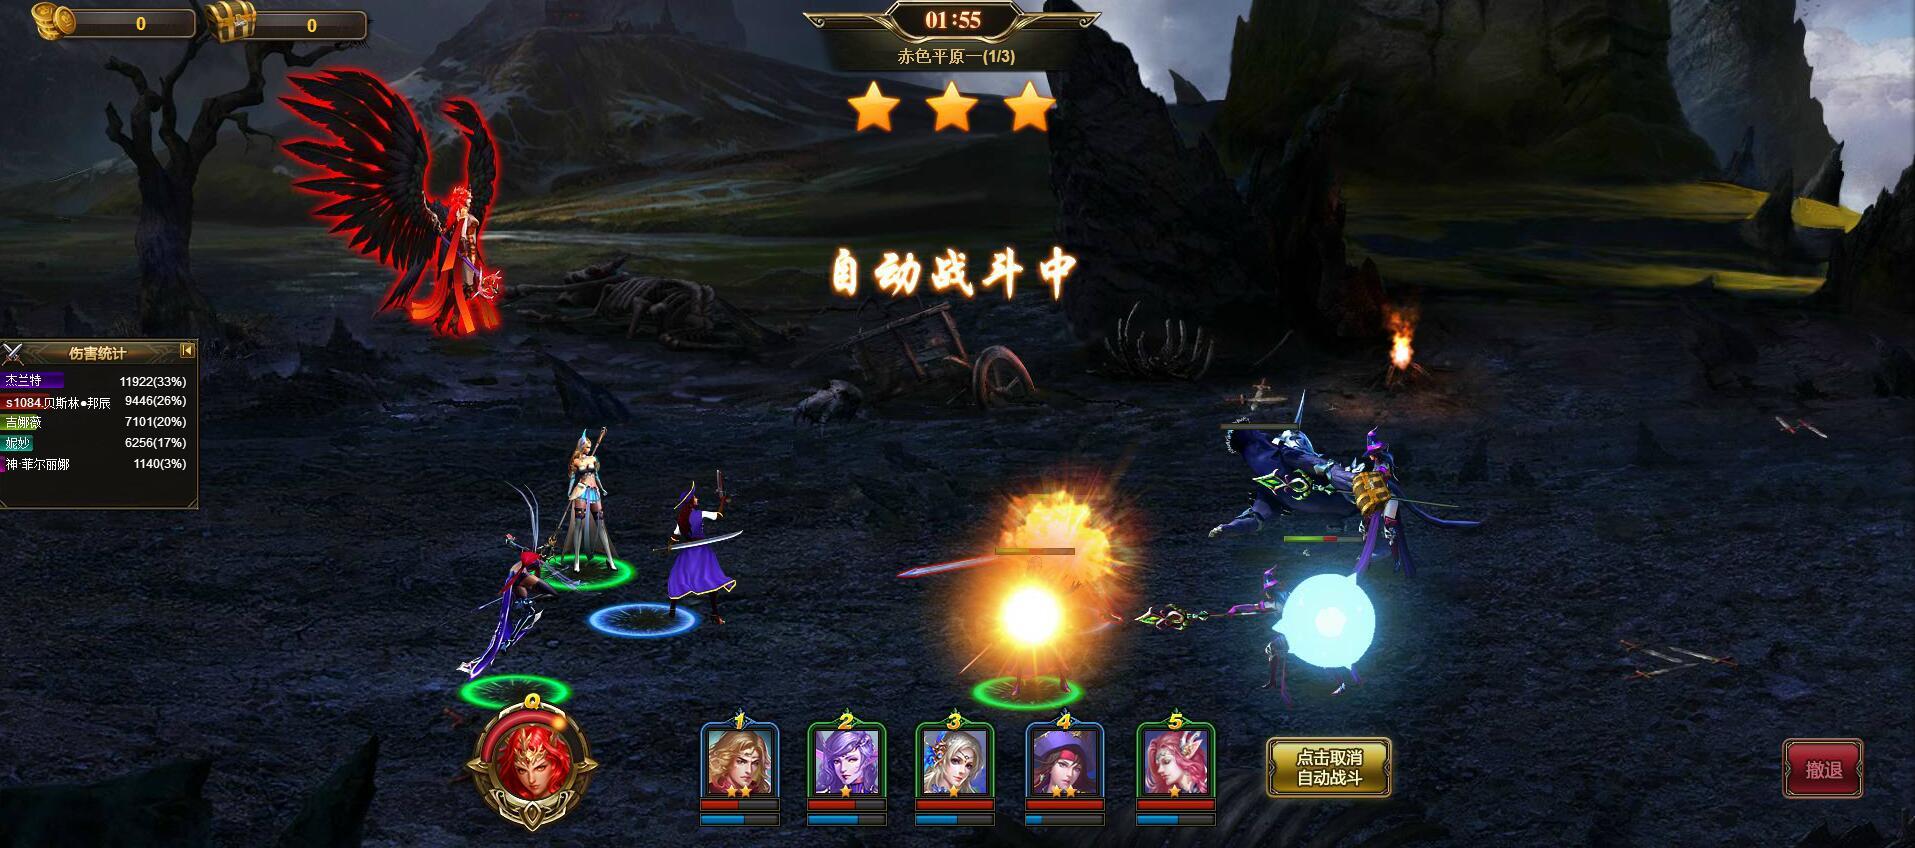 《星魂龙骑士》游戏截图